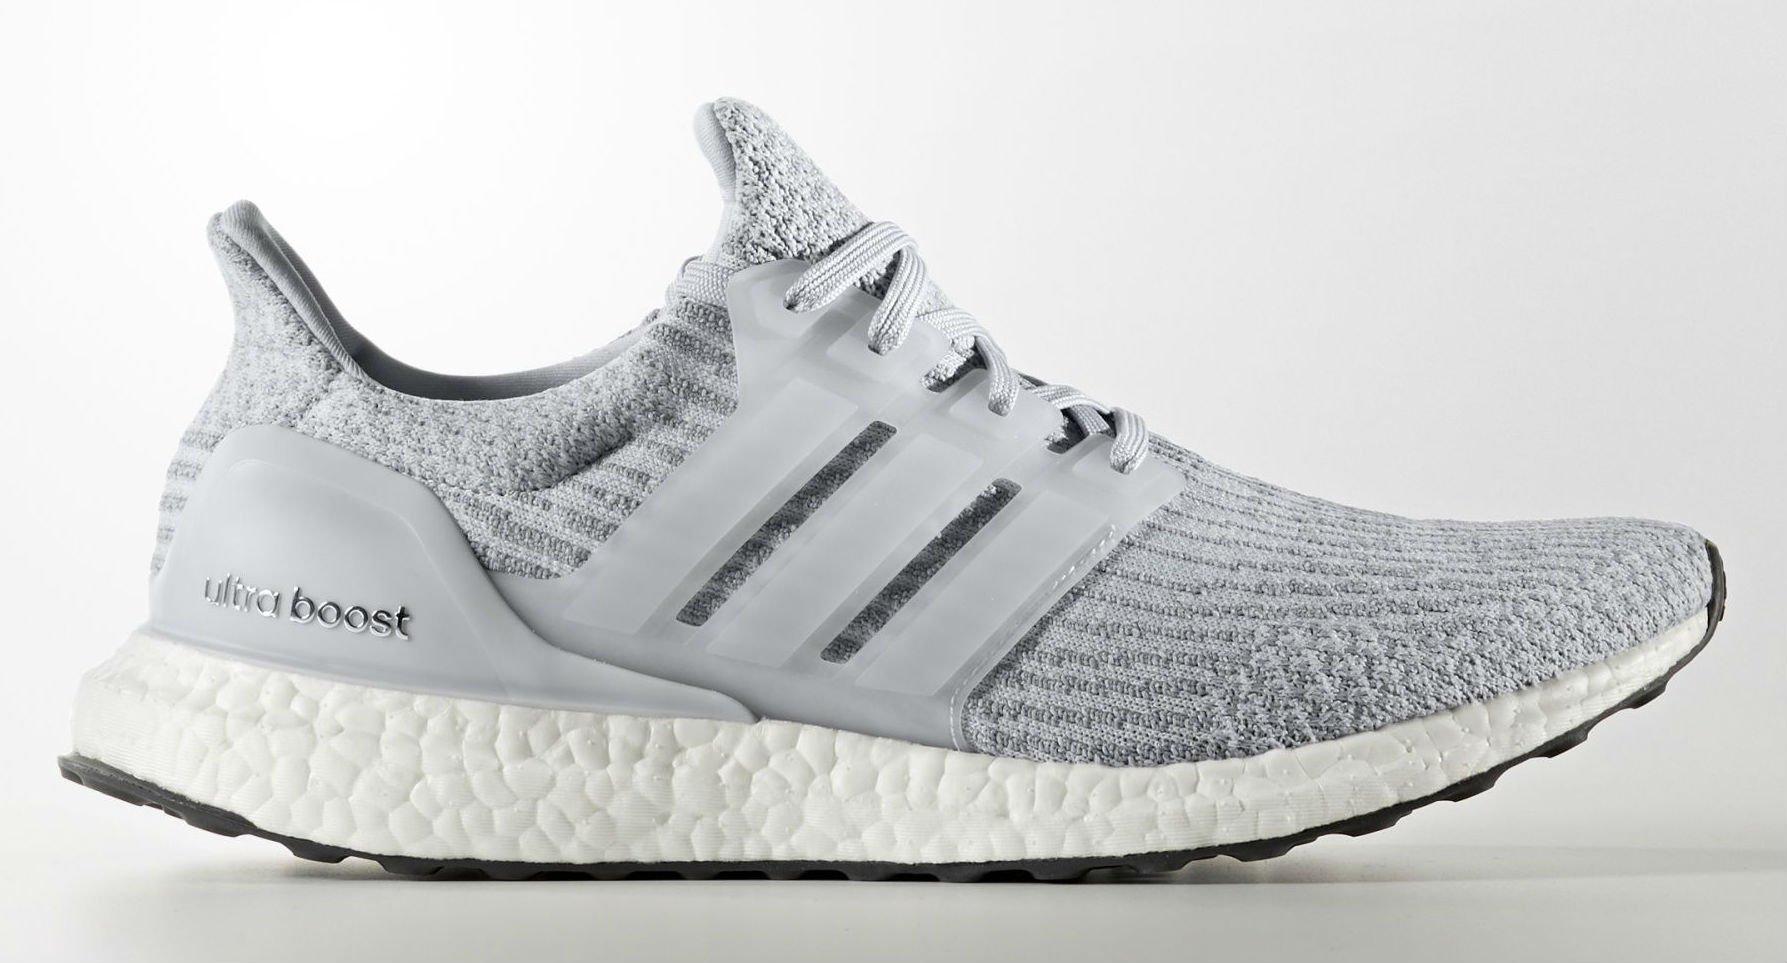 Sneaker Release Alert - Adidas Ultra Boost 3.0 Women (Clear